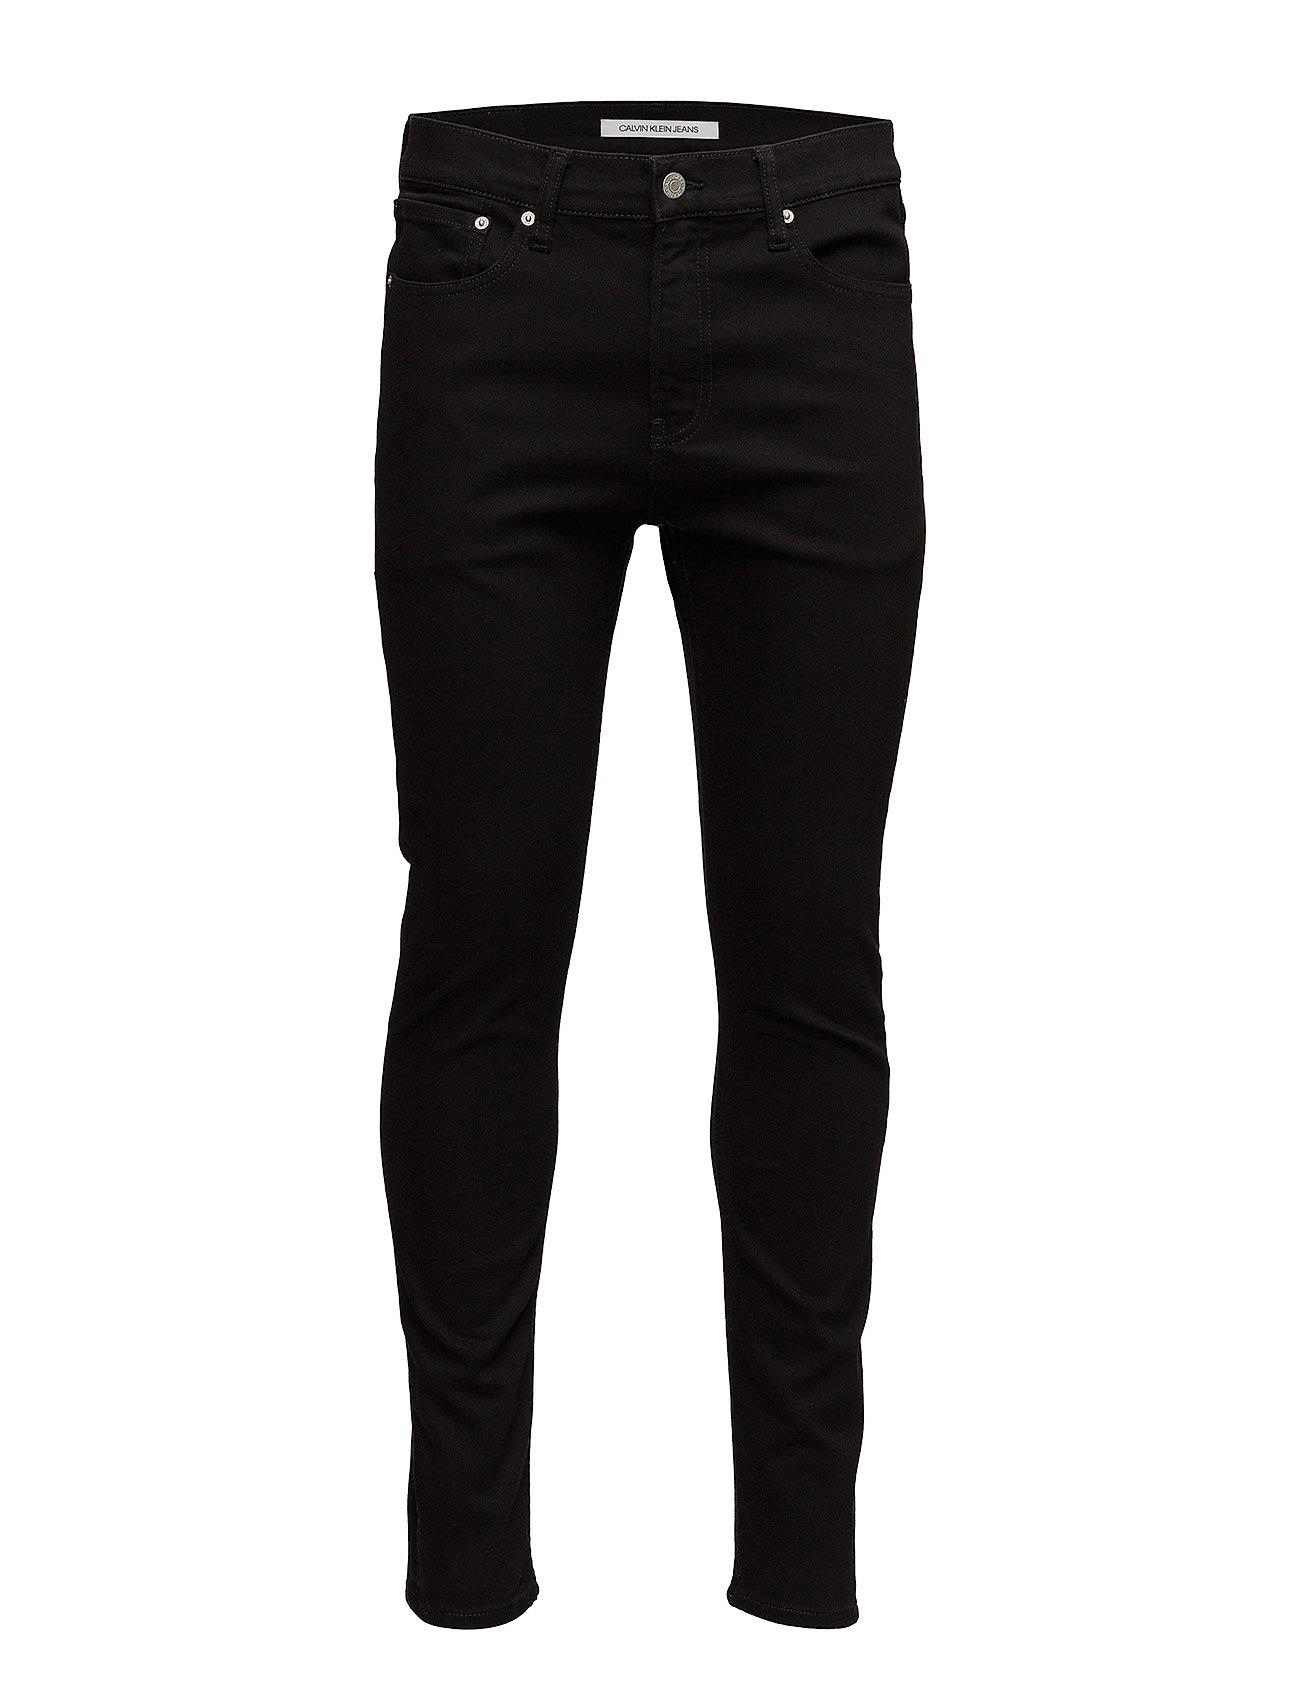 Calvin Klein Jeans CKJ 016 SKINNY - STAY BLACK